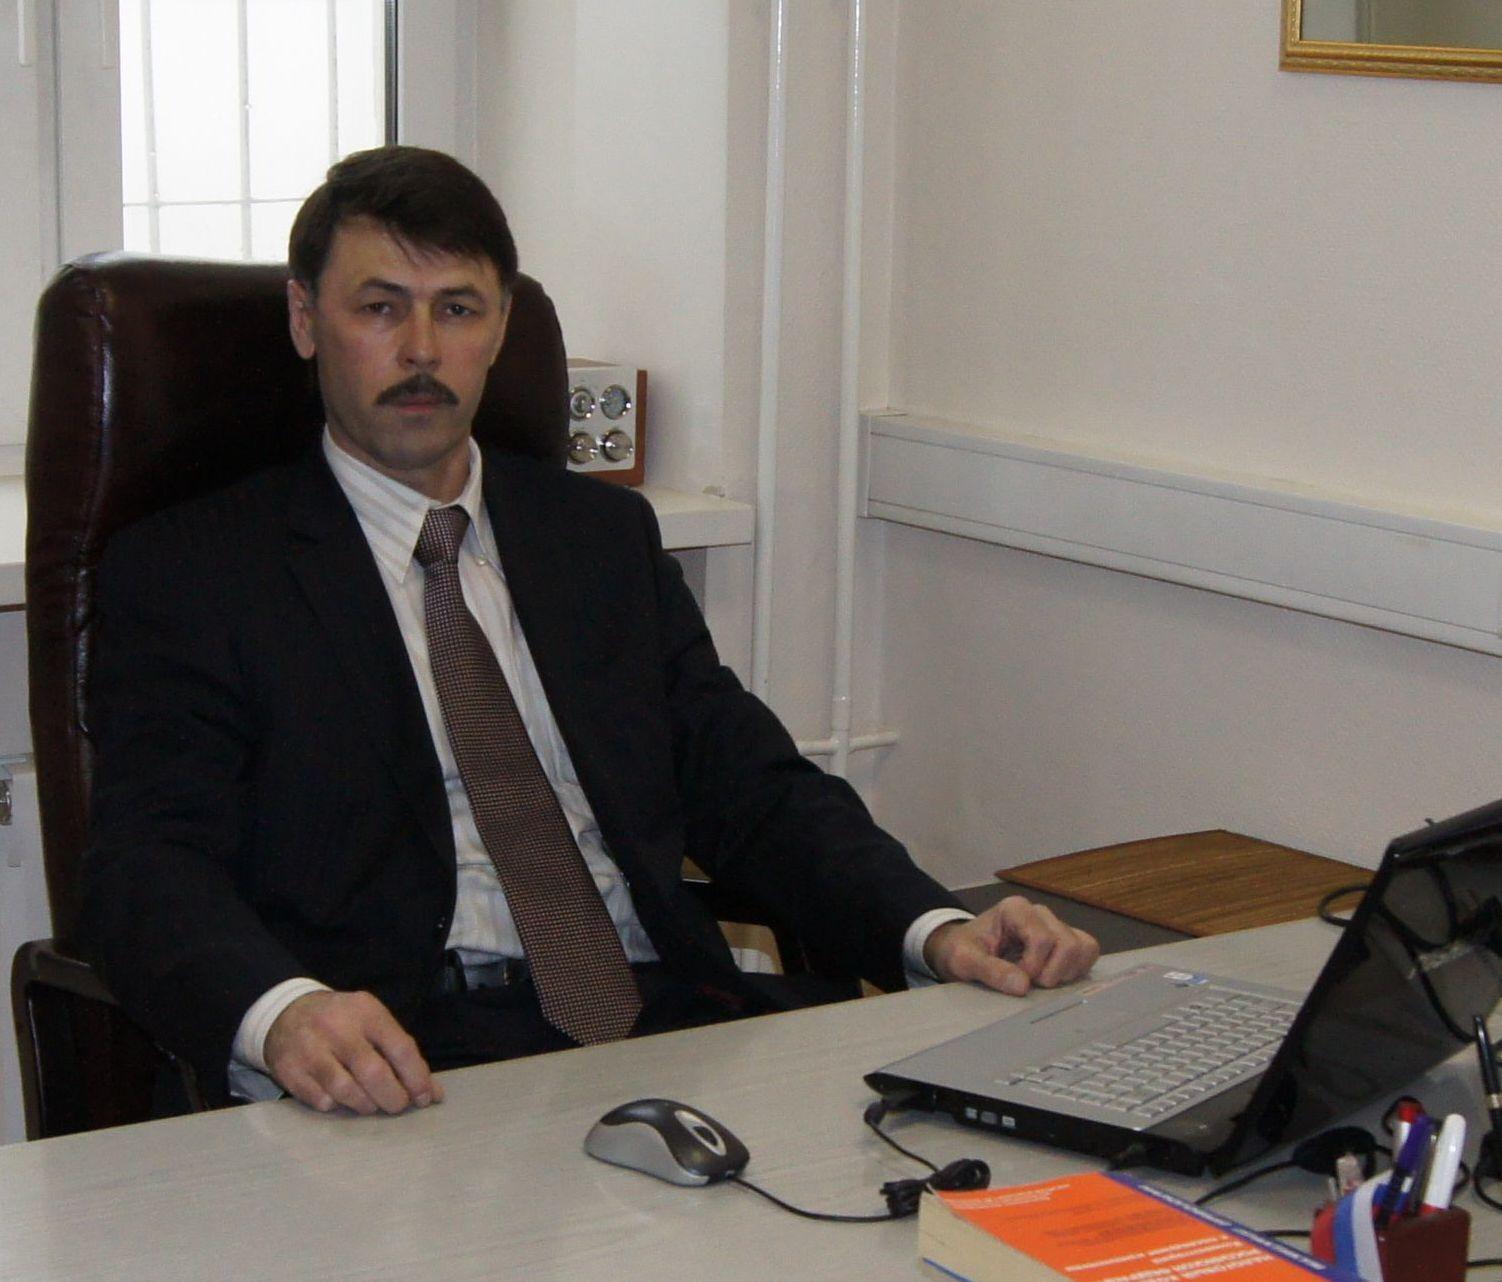 Адвокат Ившин Александр Валентинович